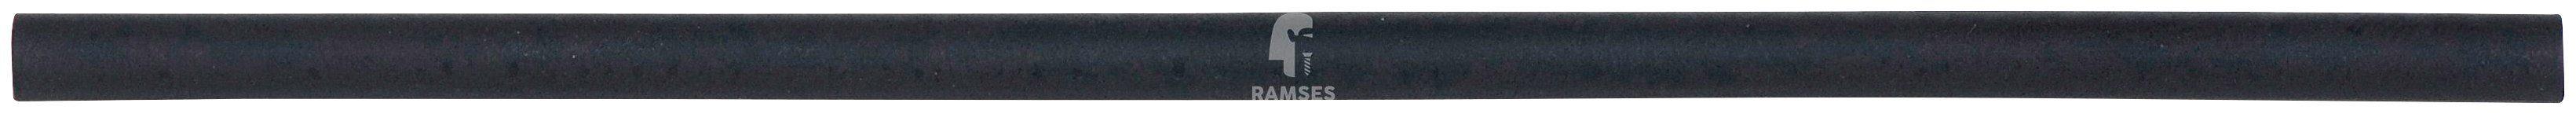 RAMSES Schrumpfschlauch , 25,4-12,7 mm 5 Meter